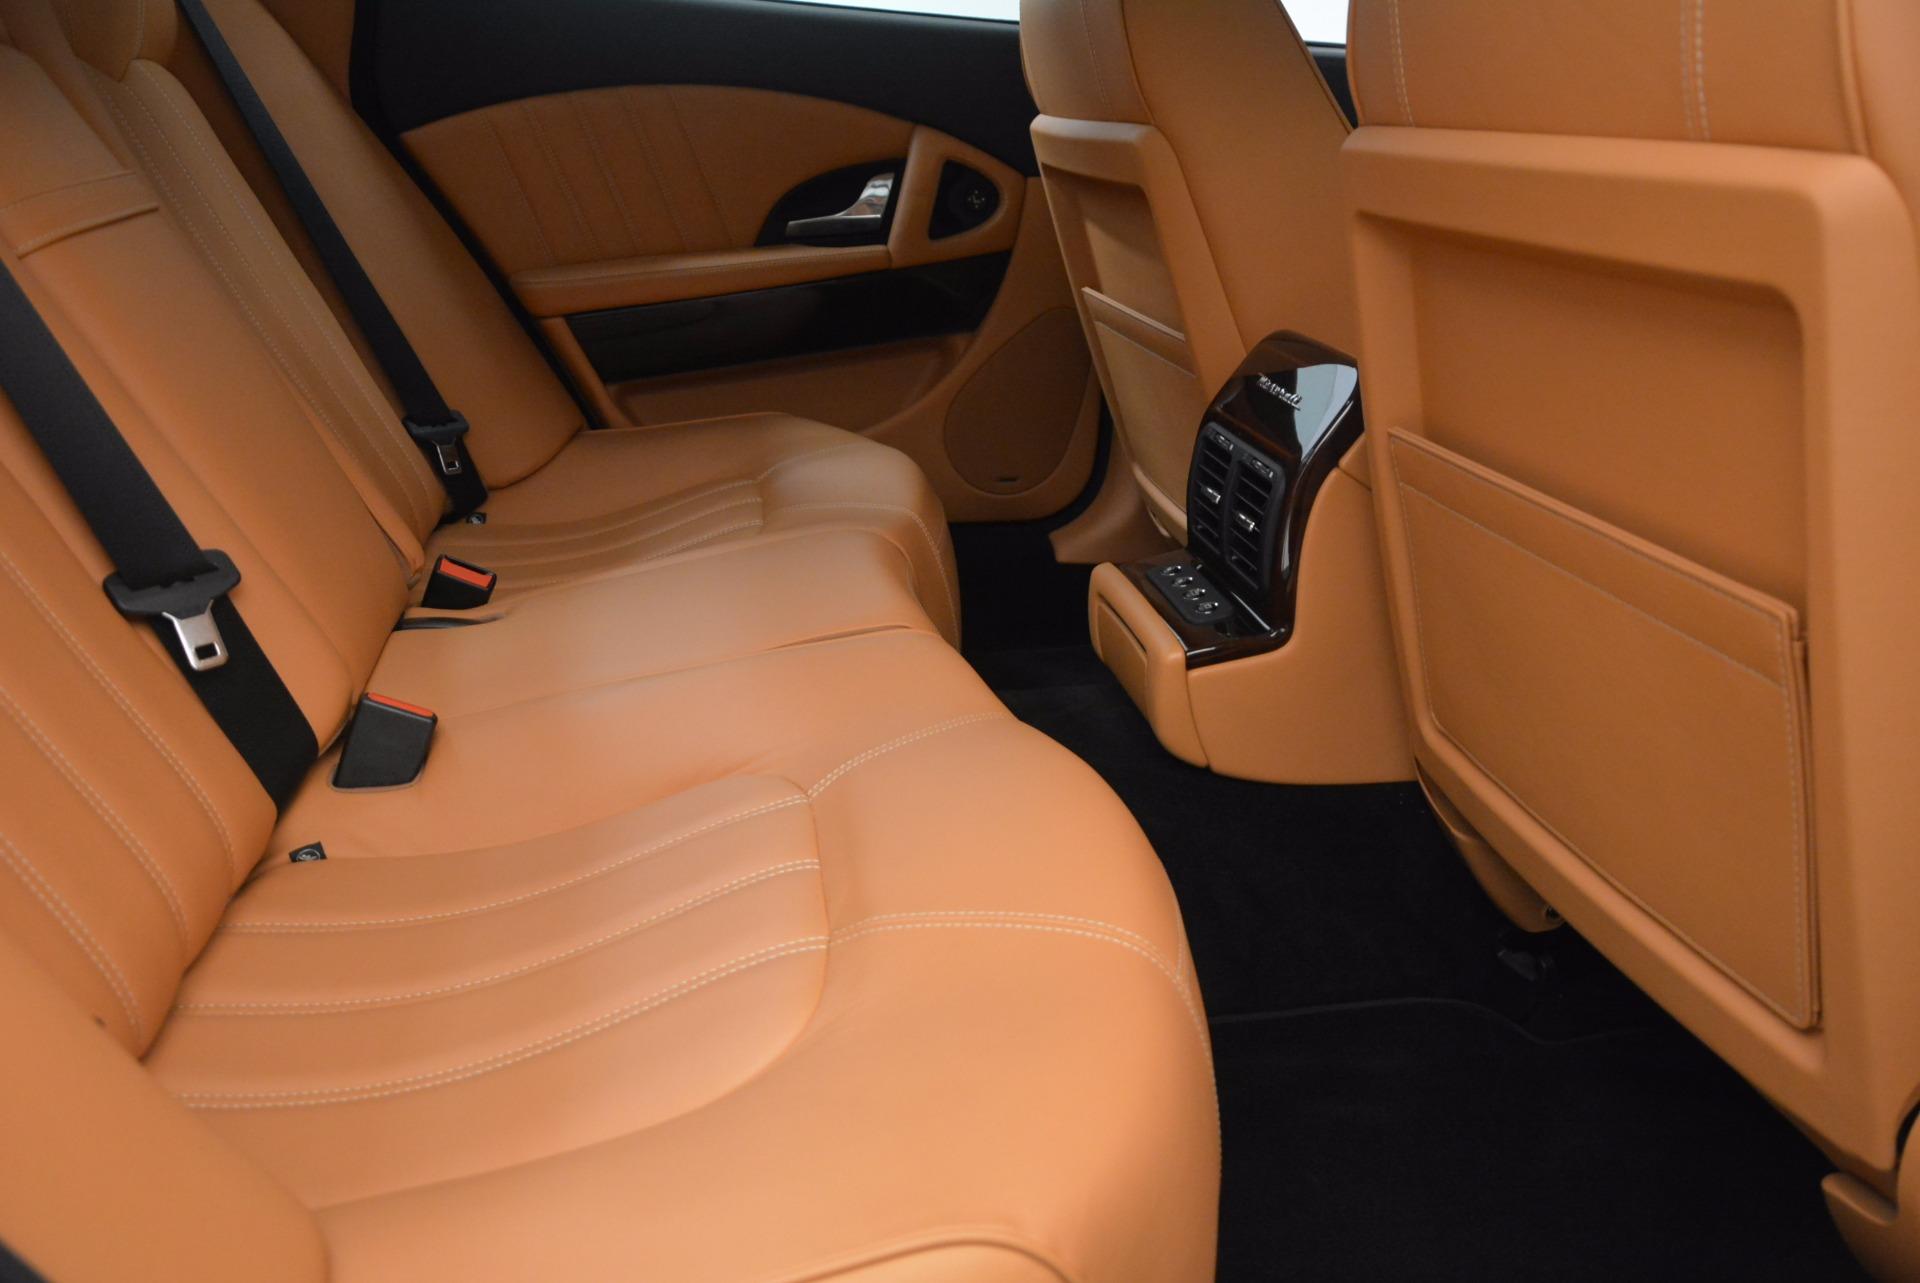 Used 2010 Maserati Quattroporte S For Sale In Greenwich, CT 1551_p38